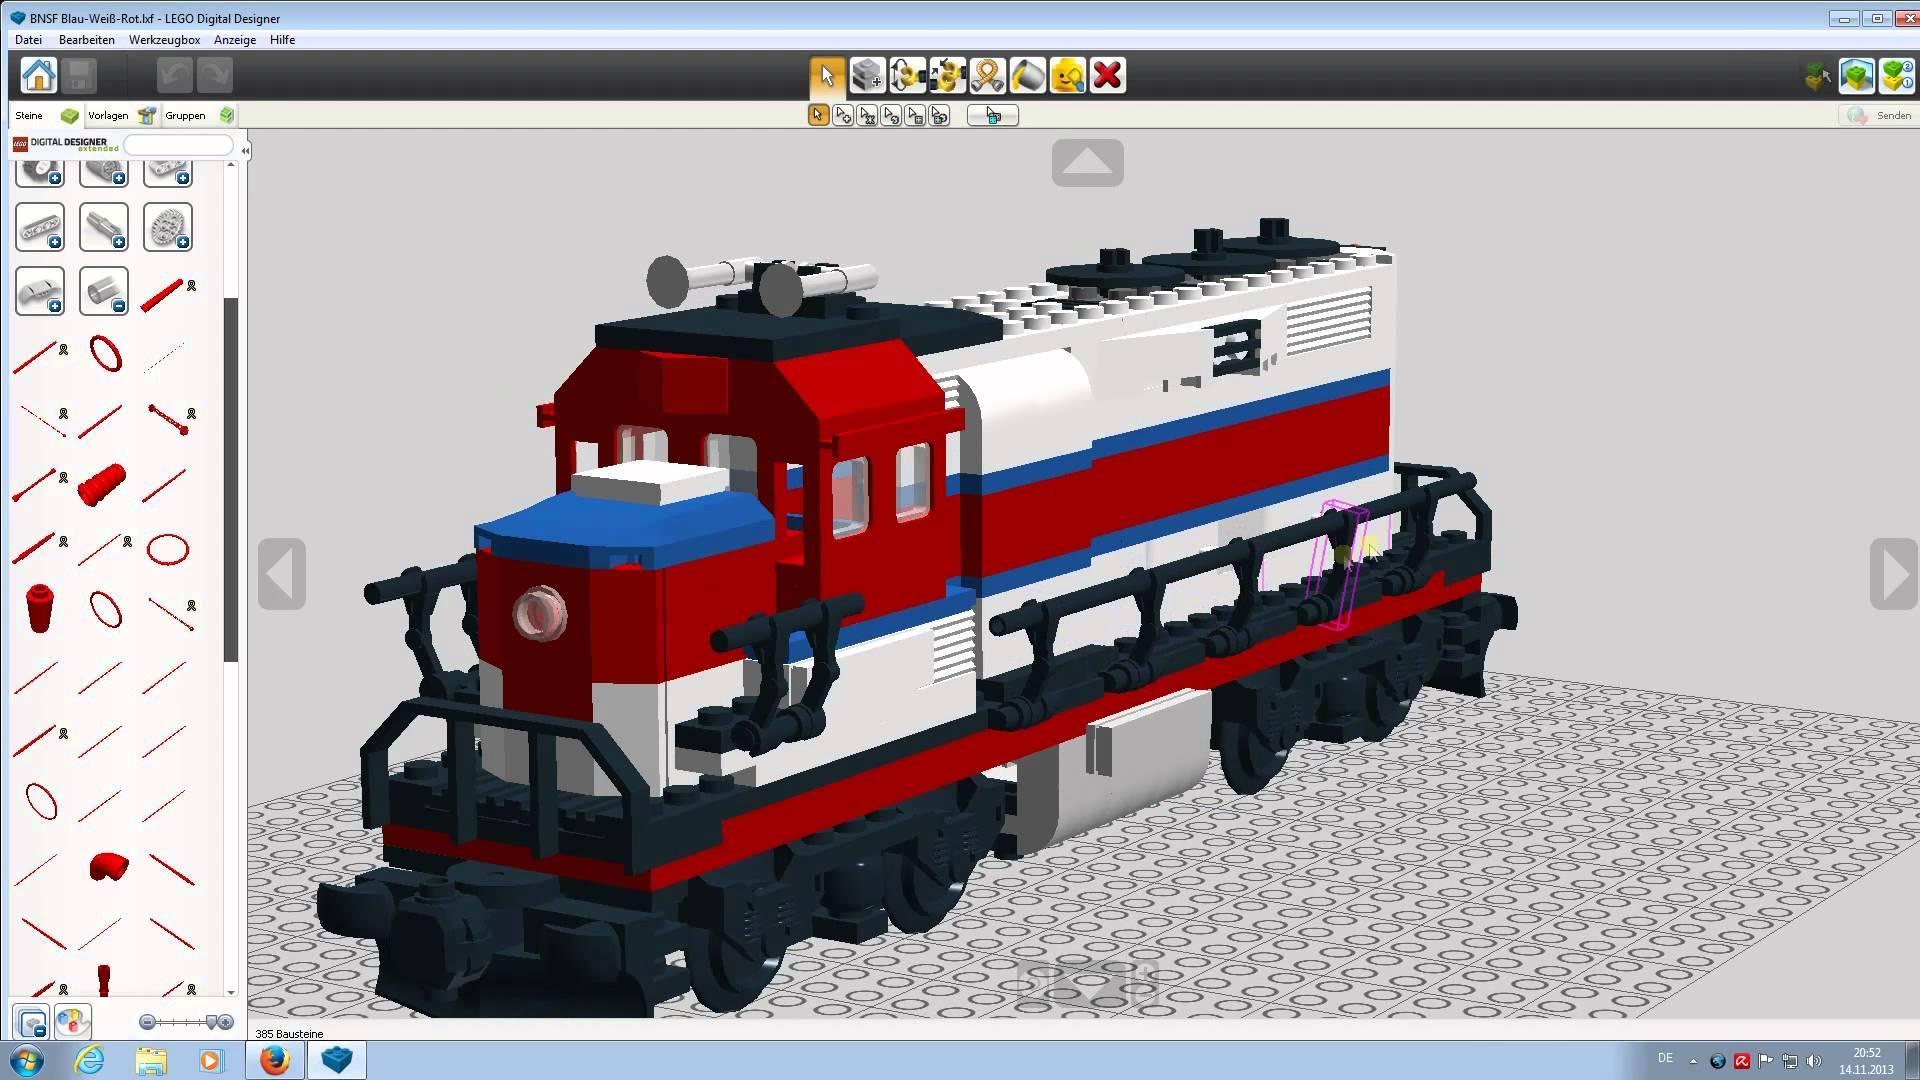 دانلود نرم افزار LEGO Digital Designer